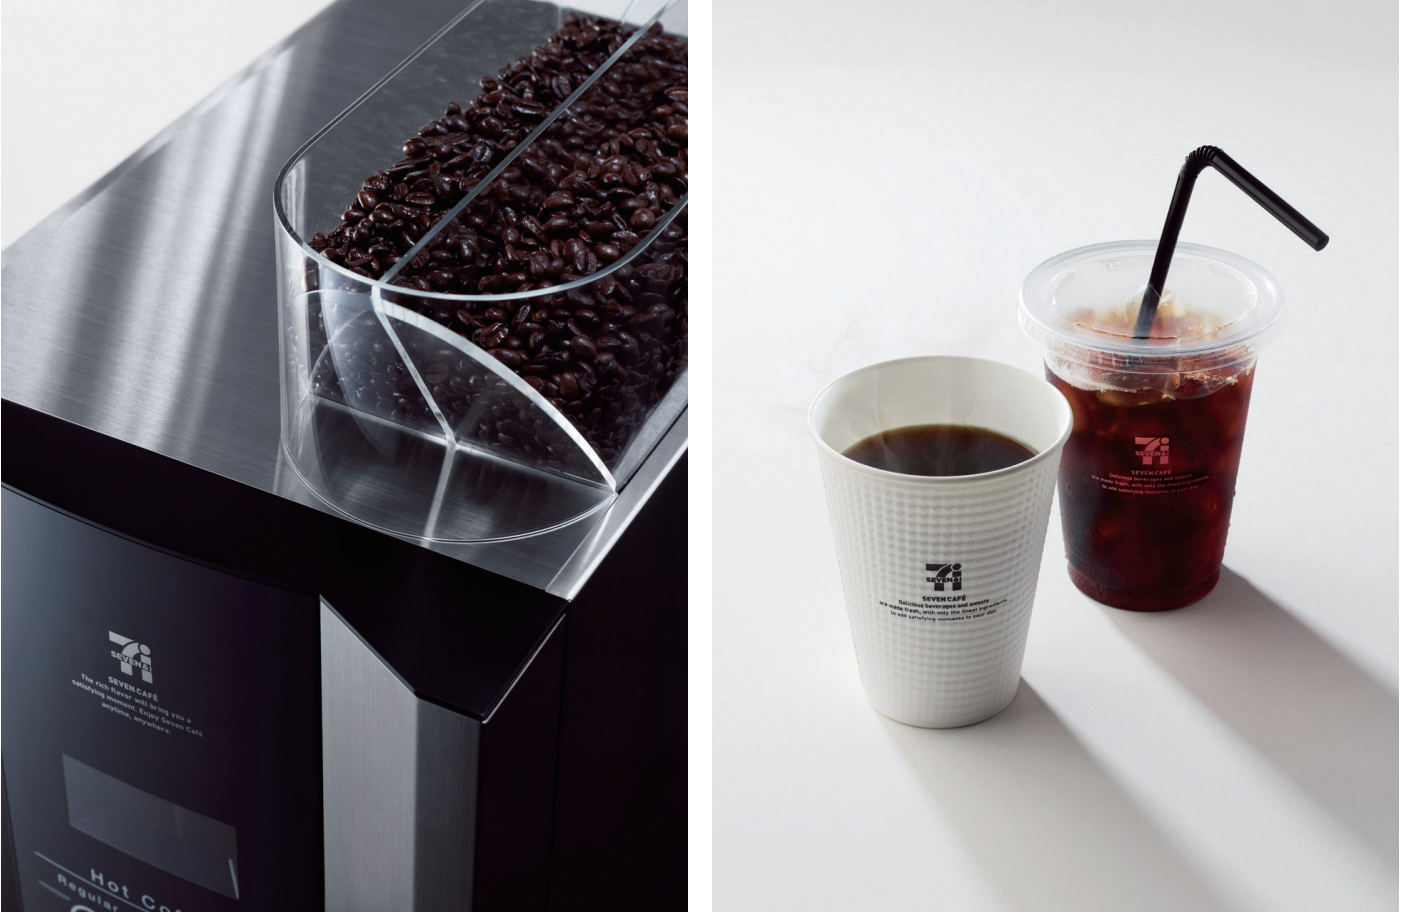 セブンカフェのコーヒーとマシン